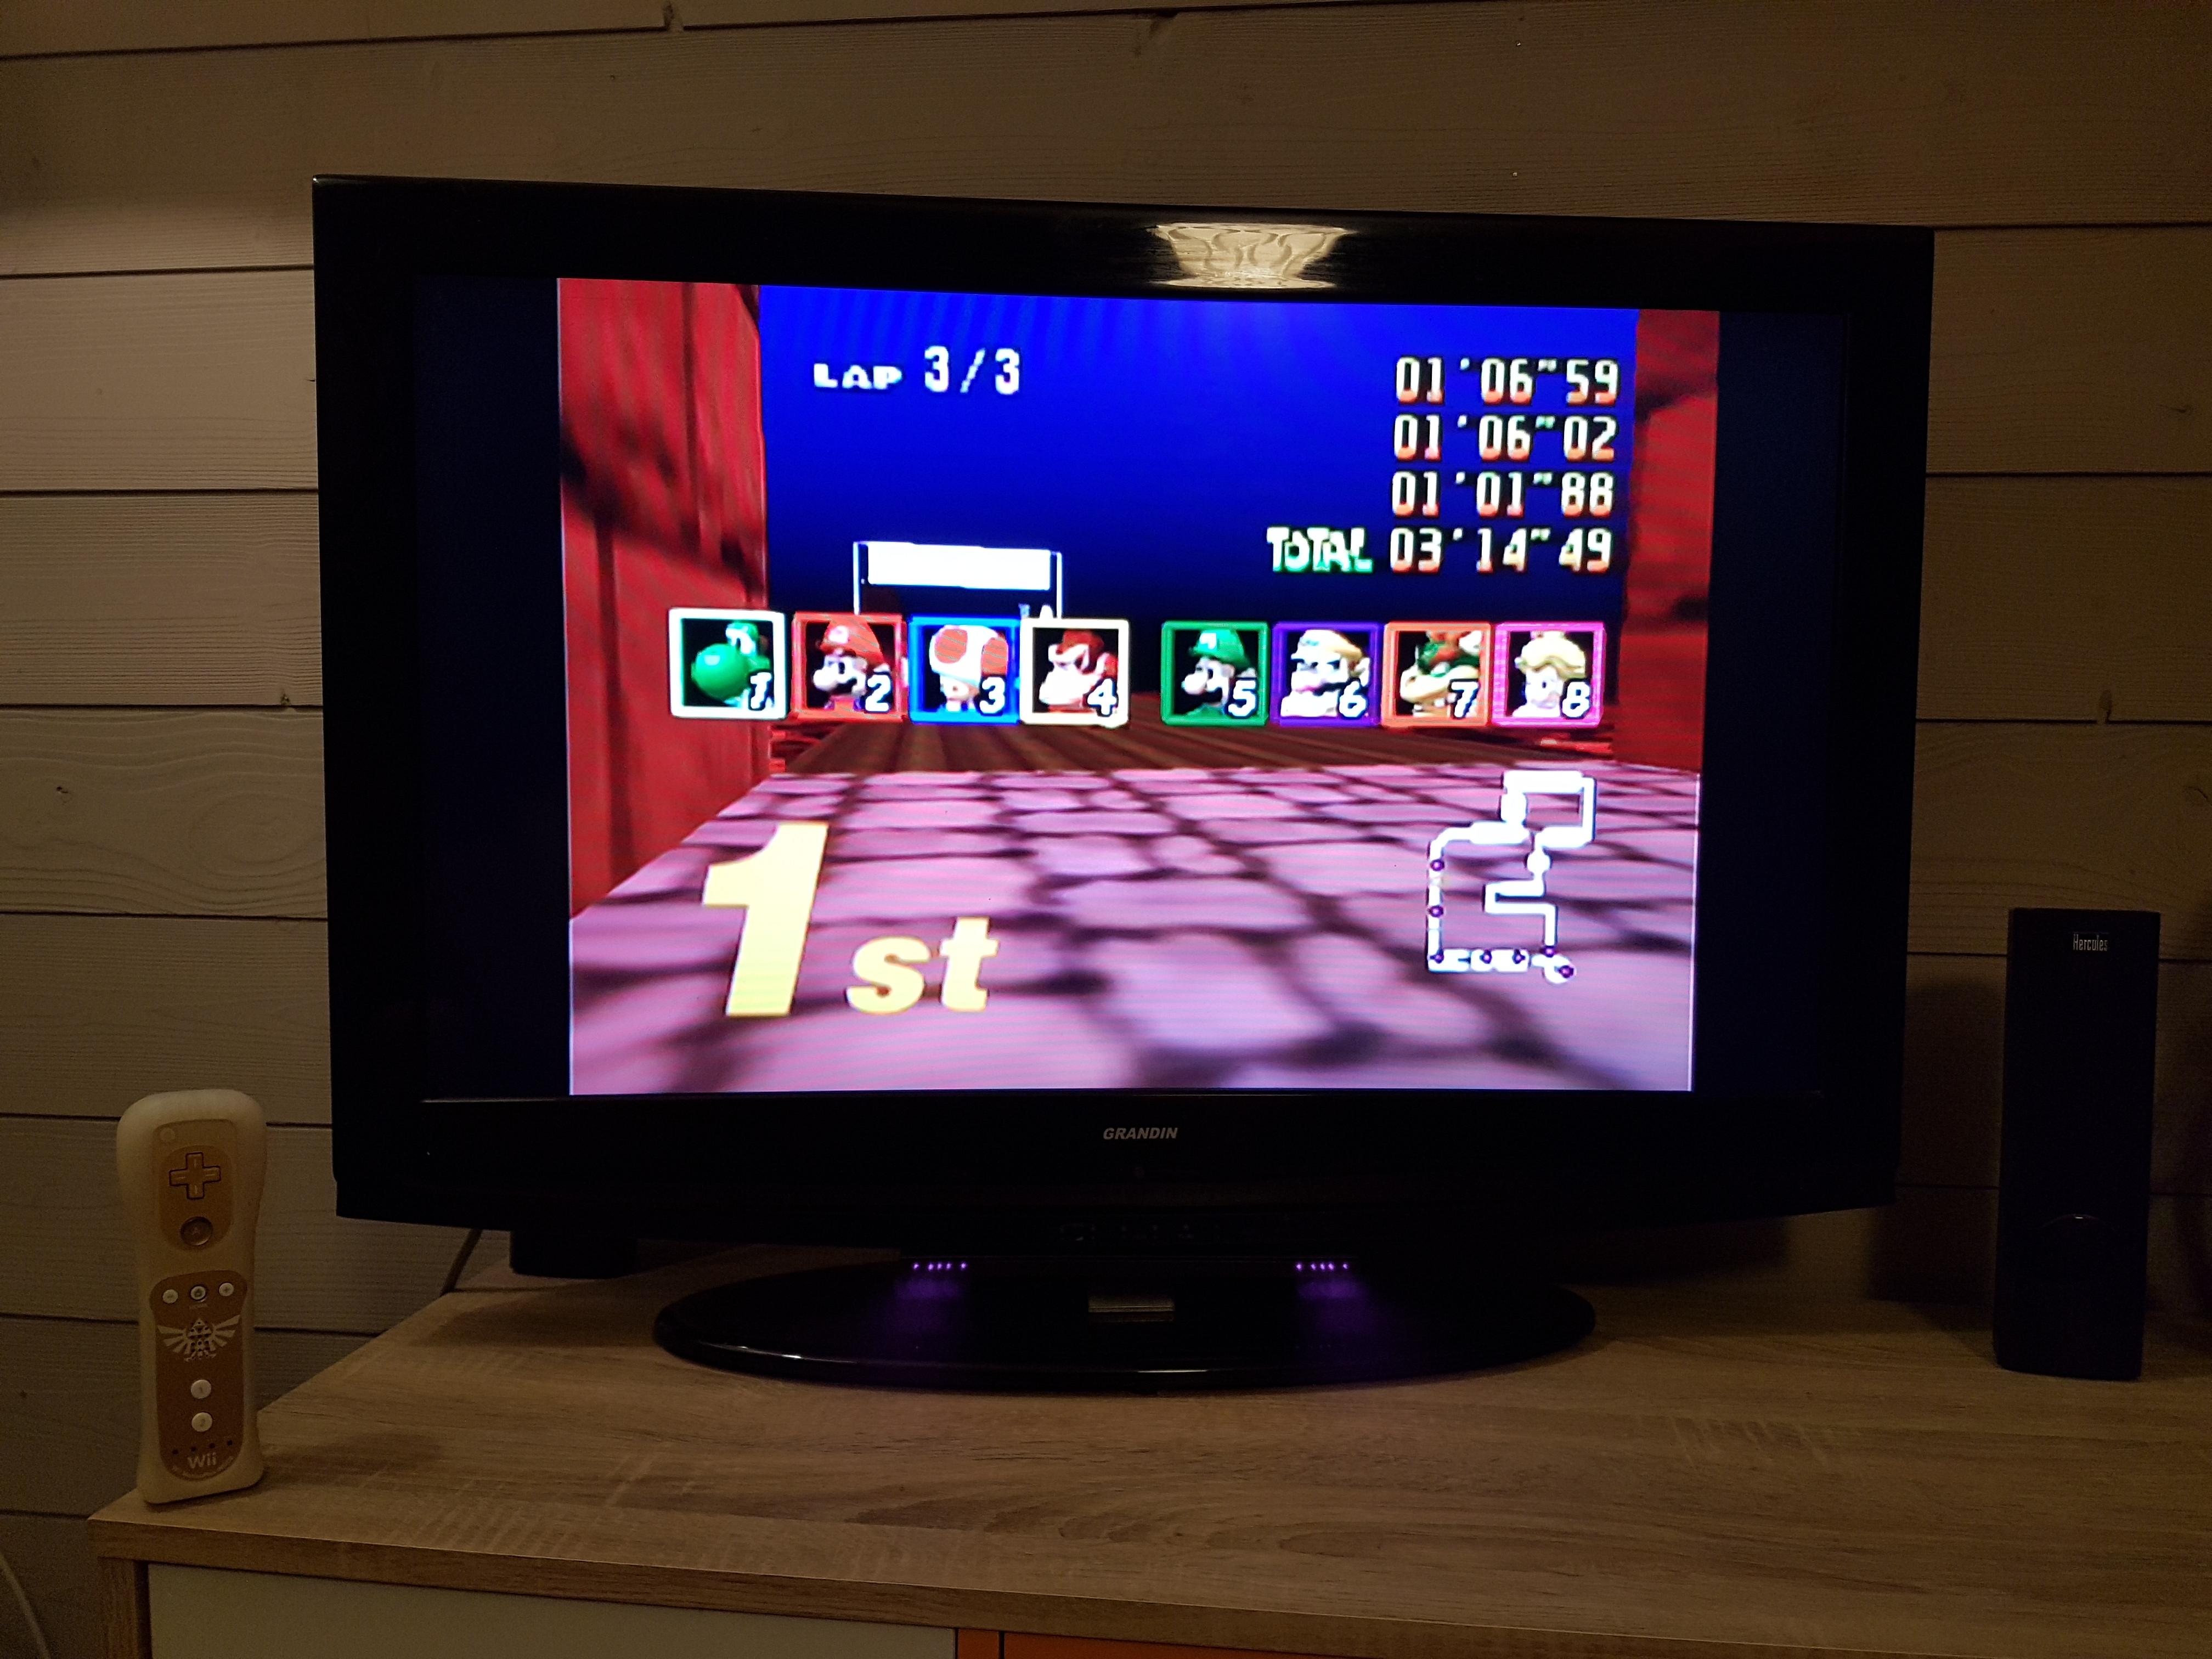 Mario Kart 64: Bowser